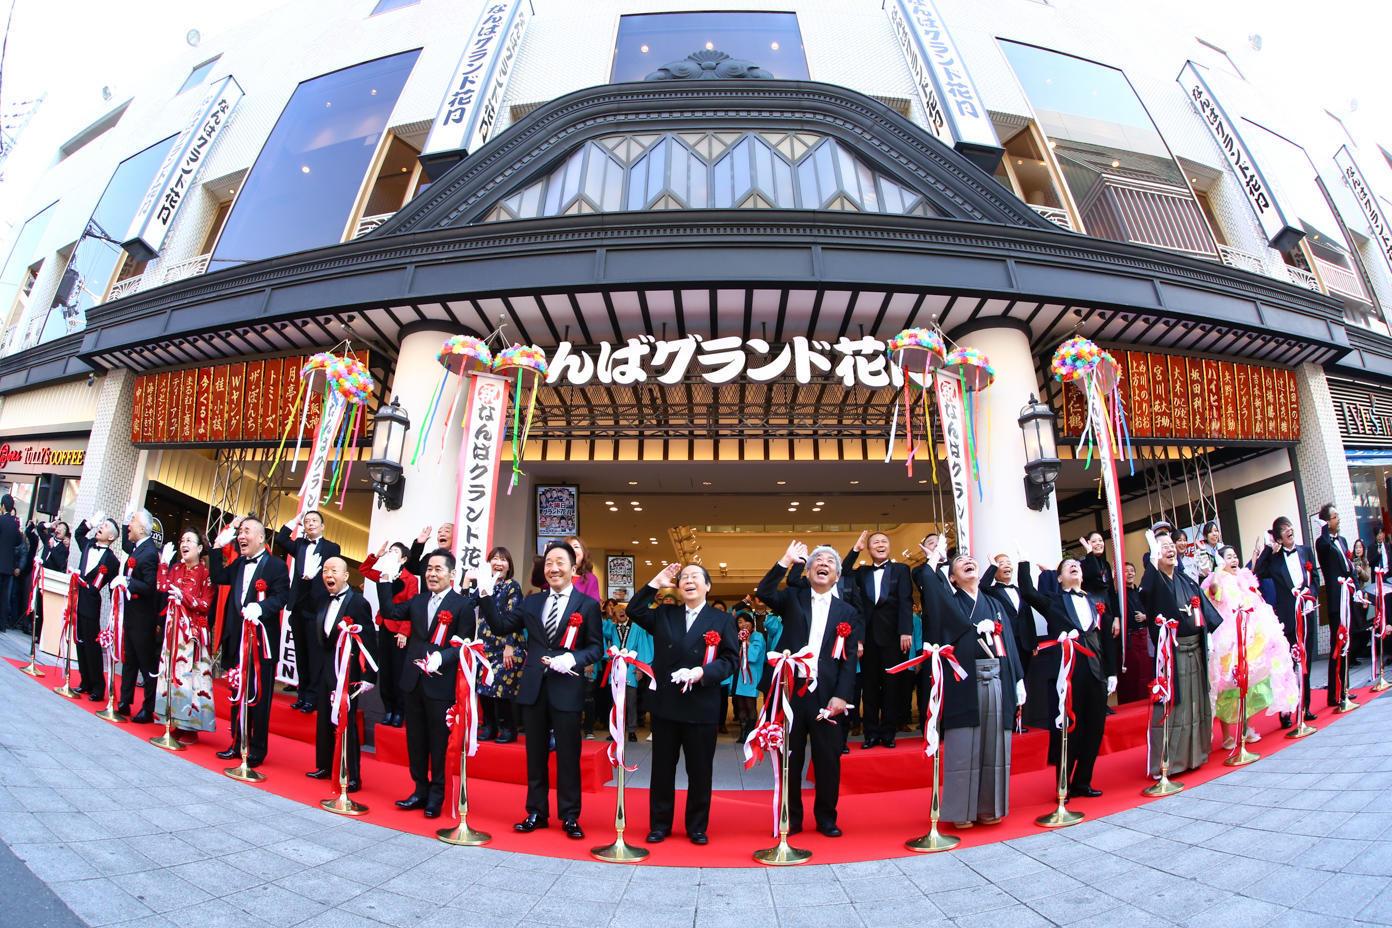 http://news.yoshimoto.co.jp/20171221164057-923be76624e319f9b9596ed48d7162b01da29bcb.jpg